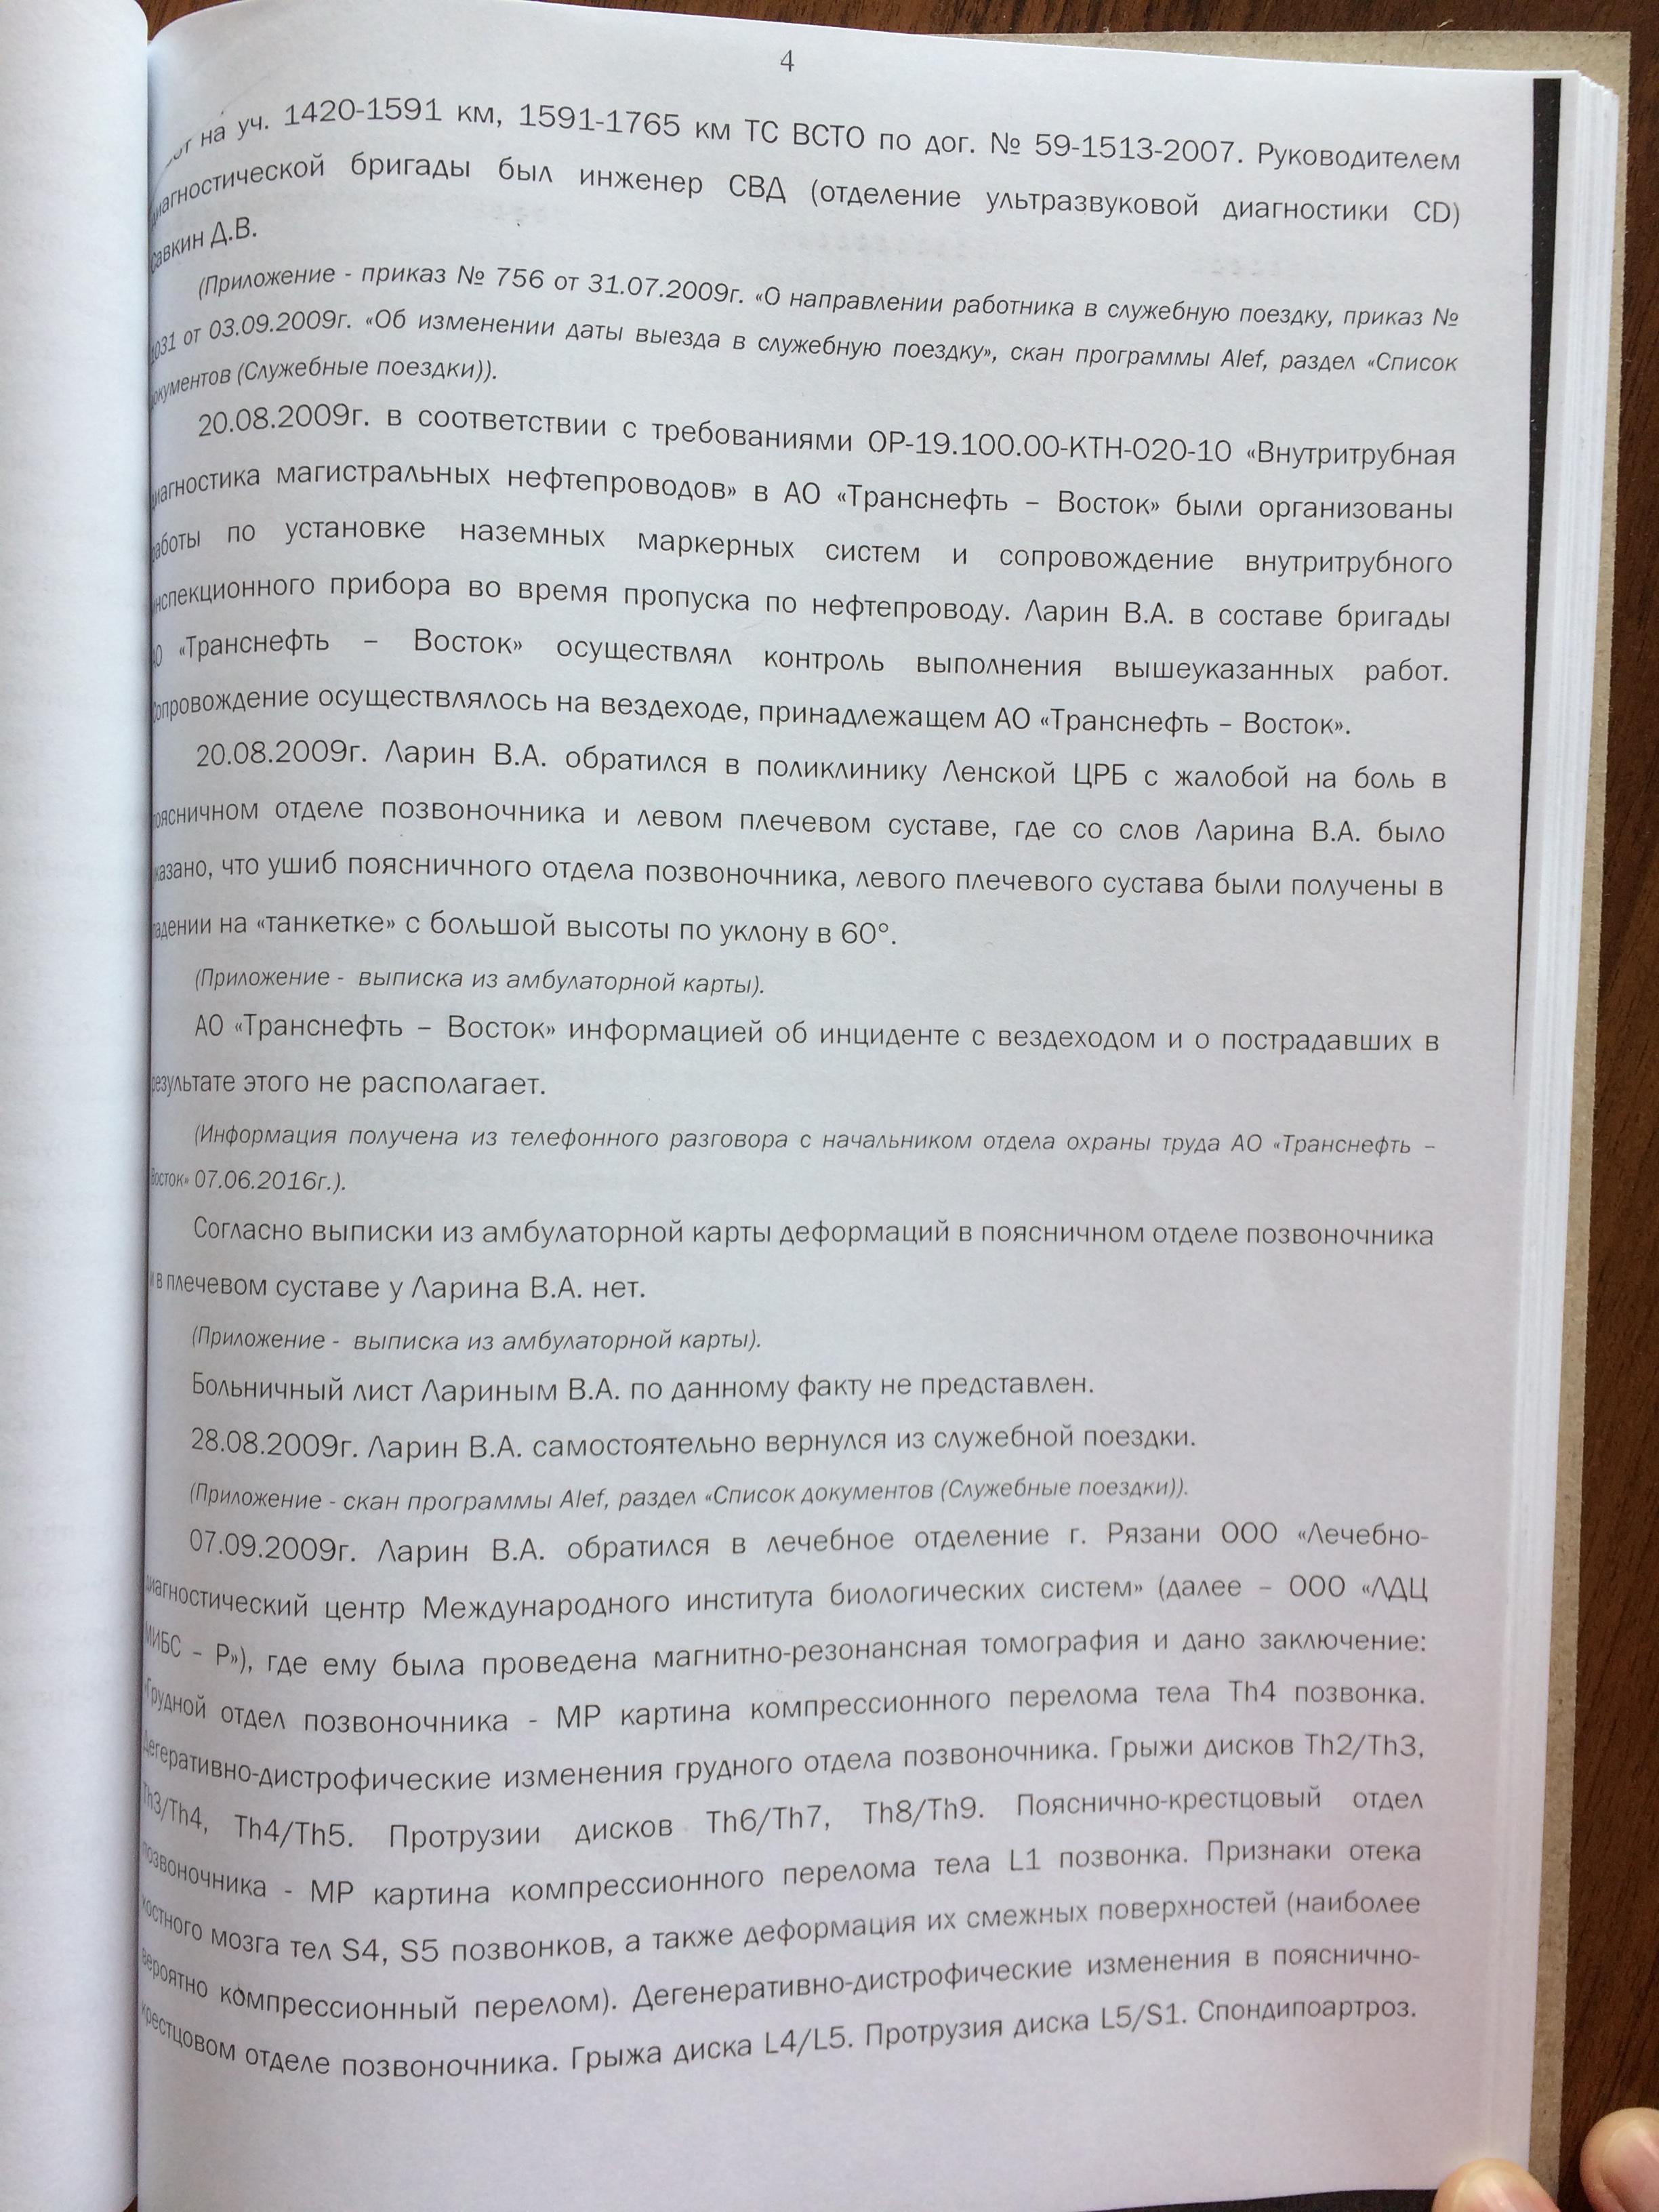 Фото документов проверки Луховицкой городской прокуратурой - 37 (5)